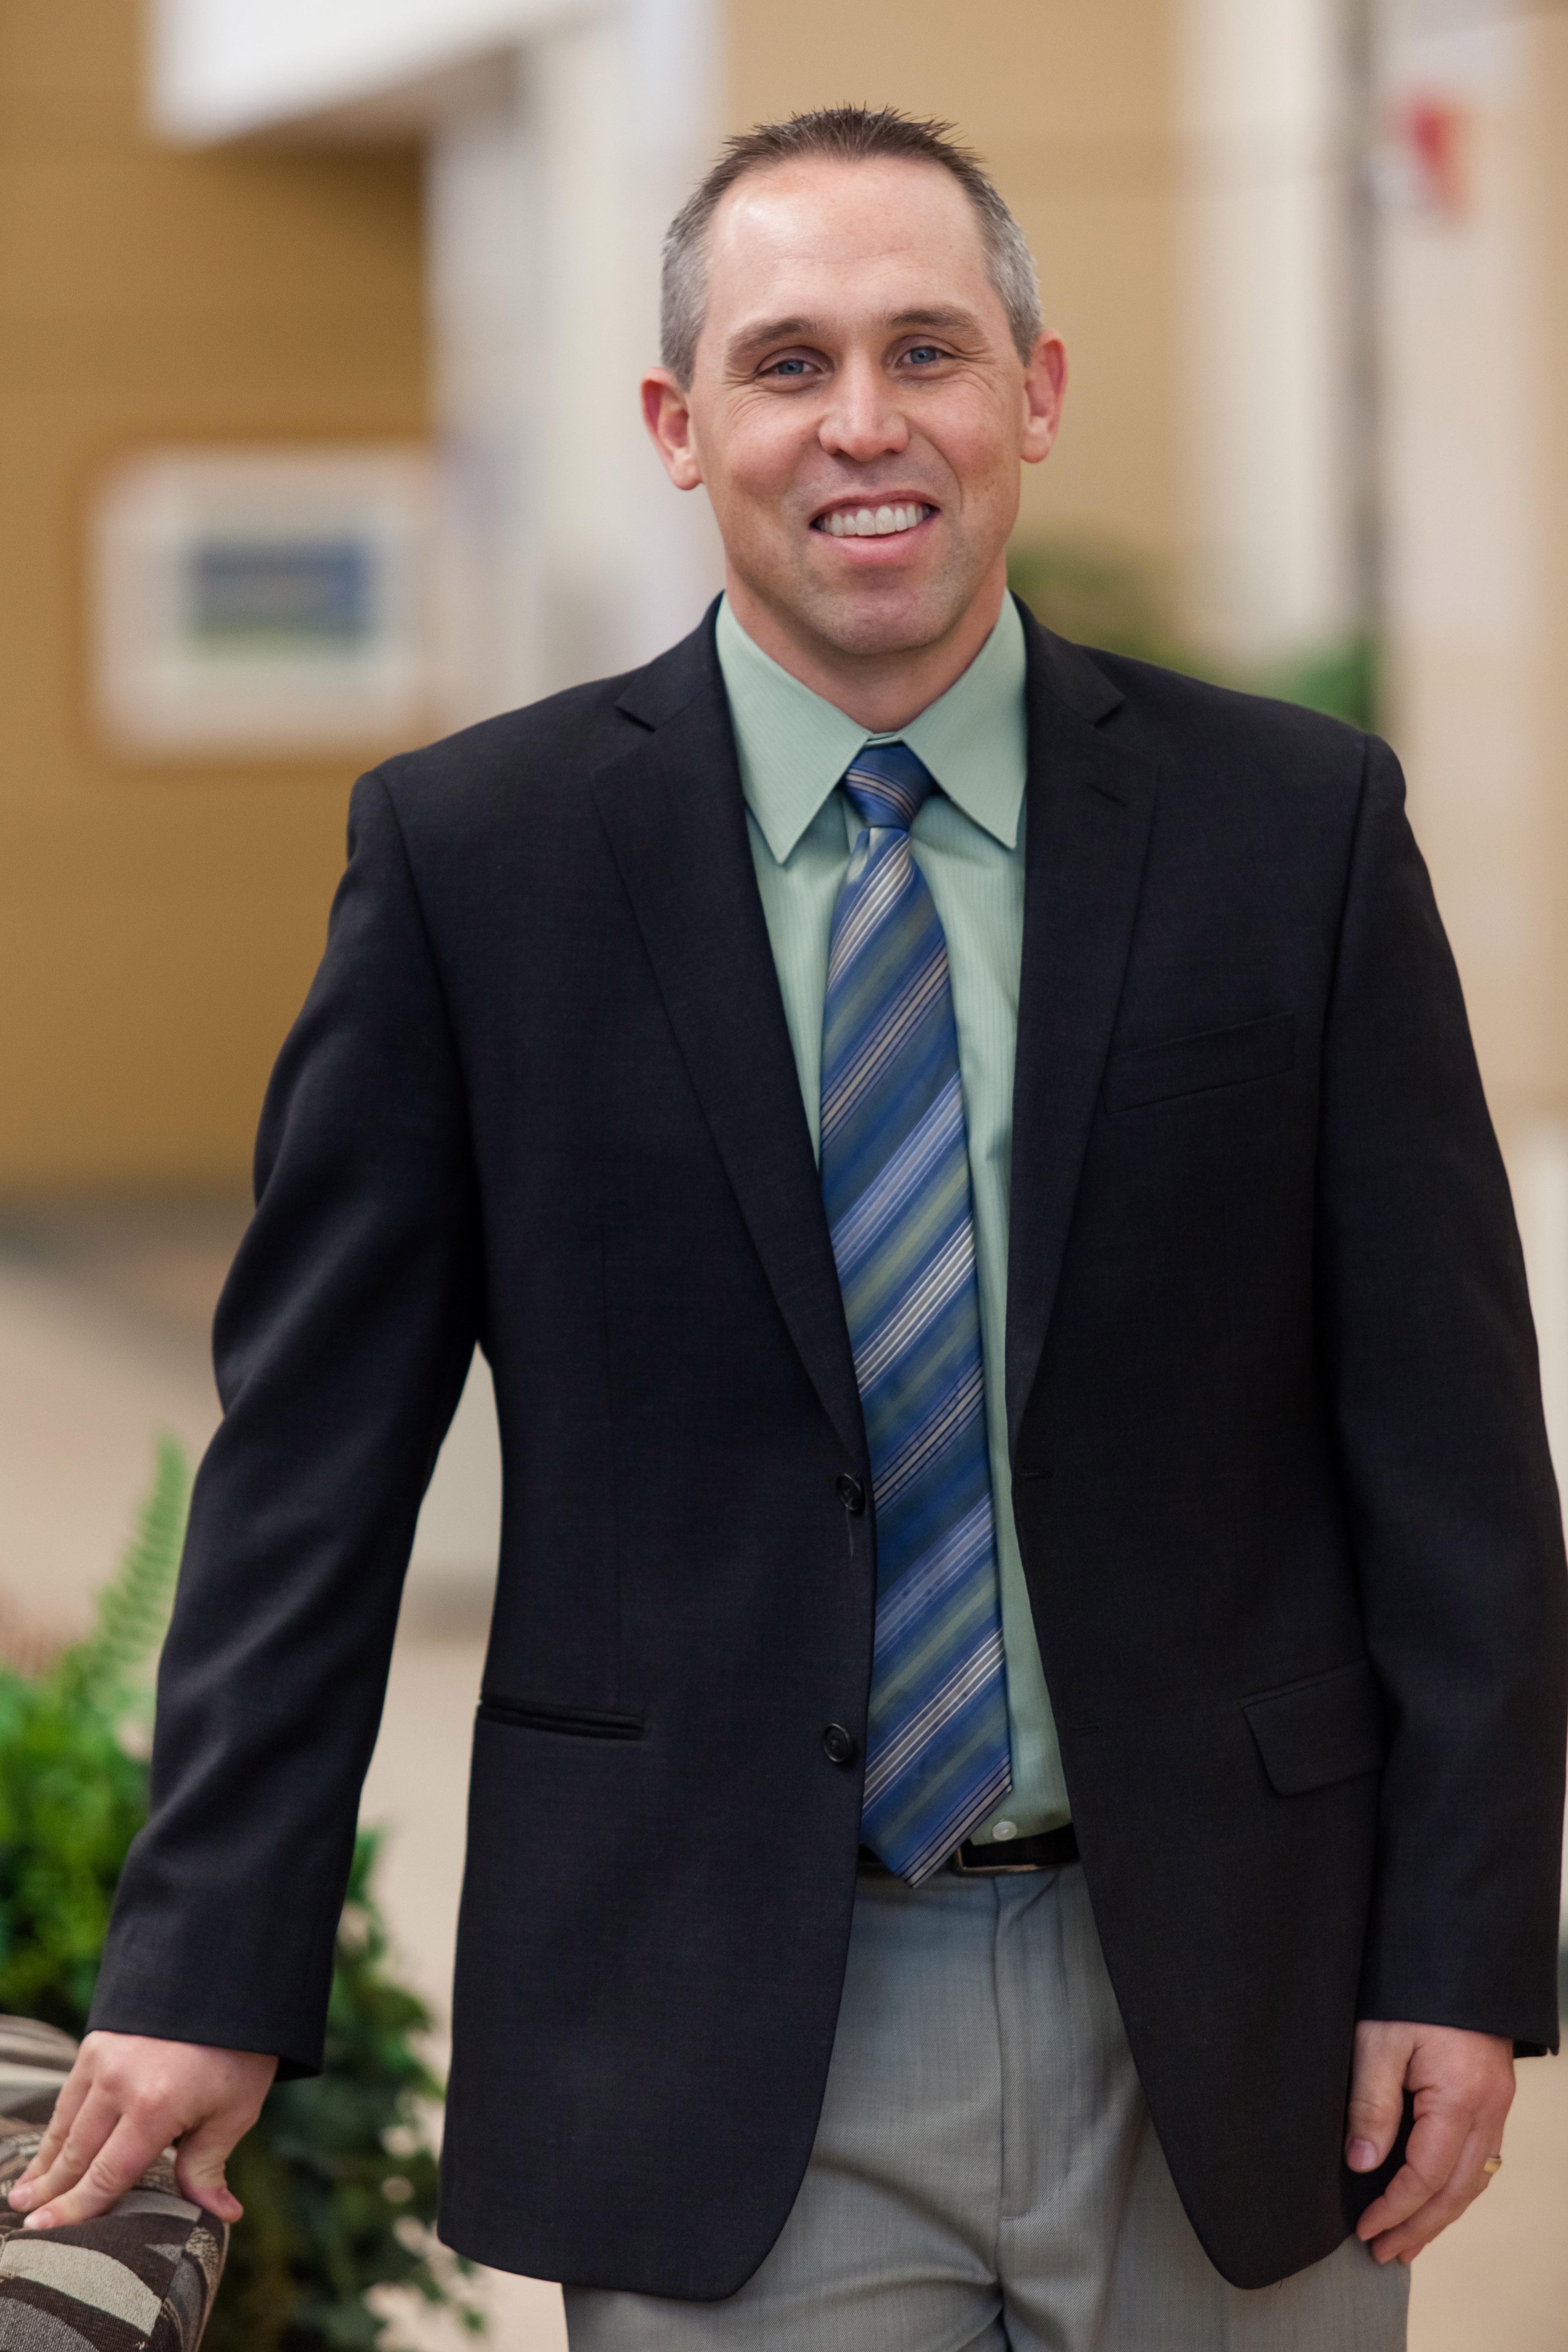 Administrator - Cedar city hospital administrator and ceo jason wilson is leaving cedar city hospital cedar